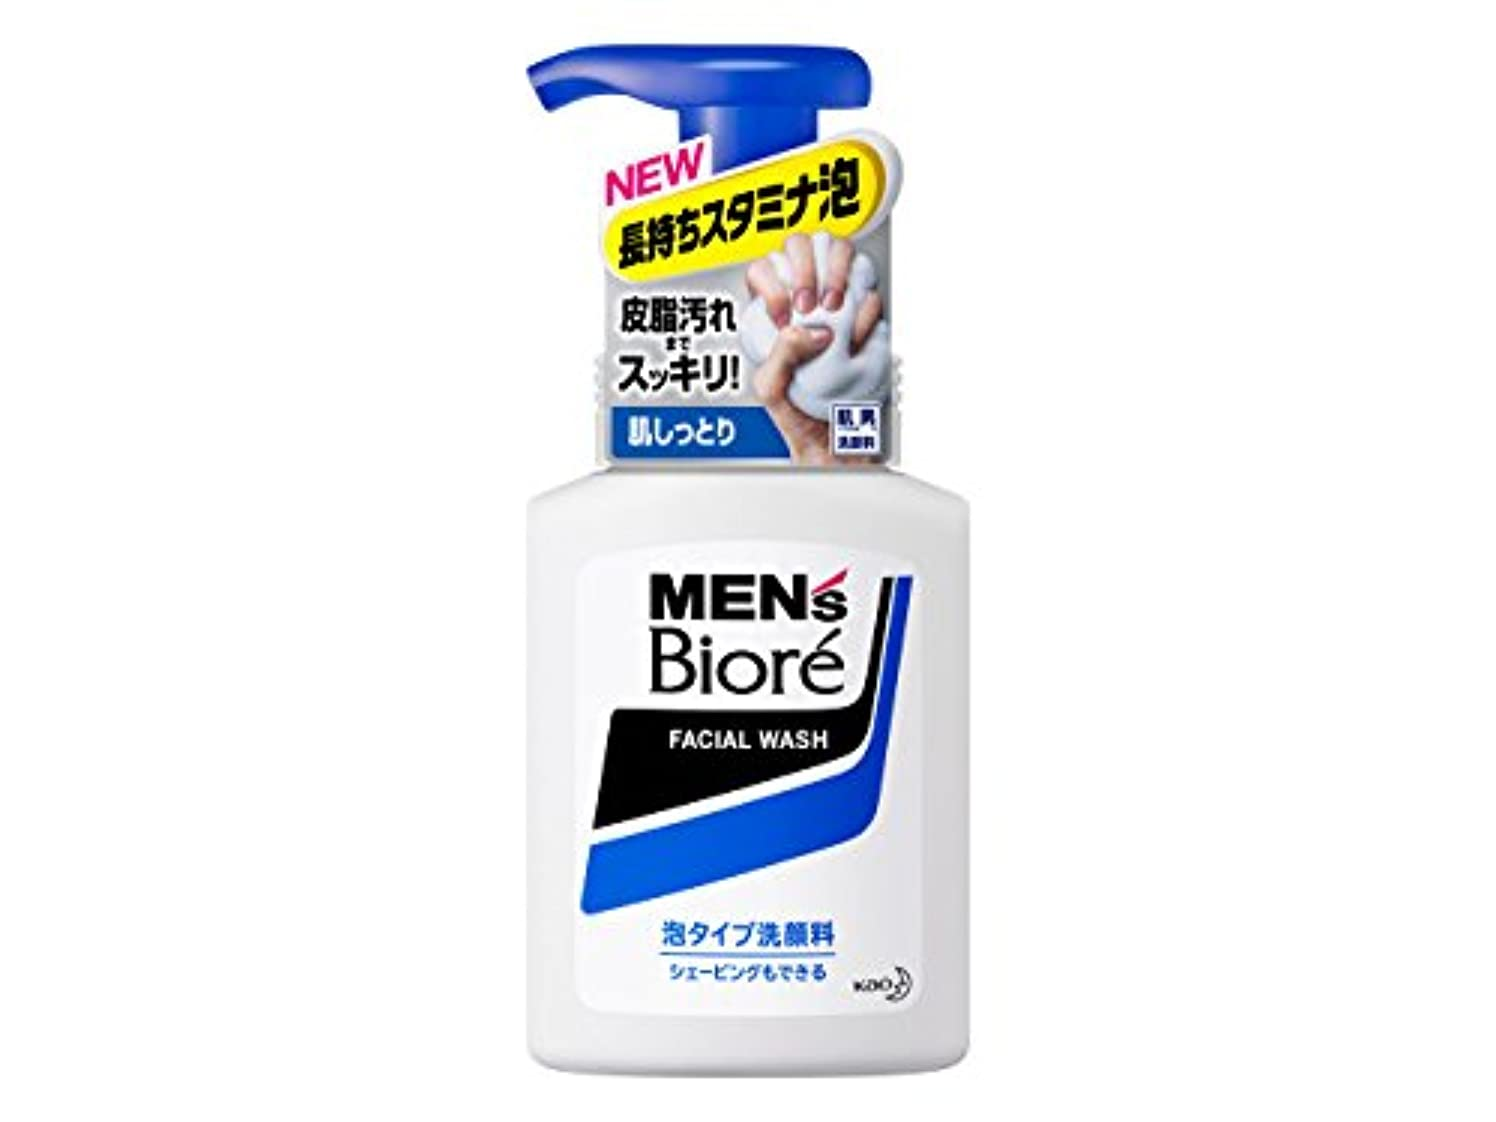 帆クアッガ白鳥【花王】メンズビオレ 泡タイプ洗顔 150ml ×20個セット